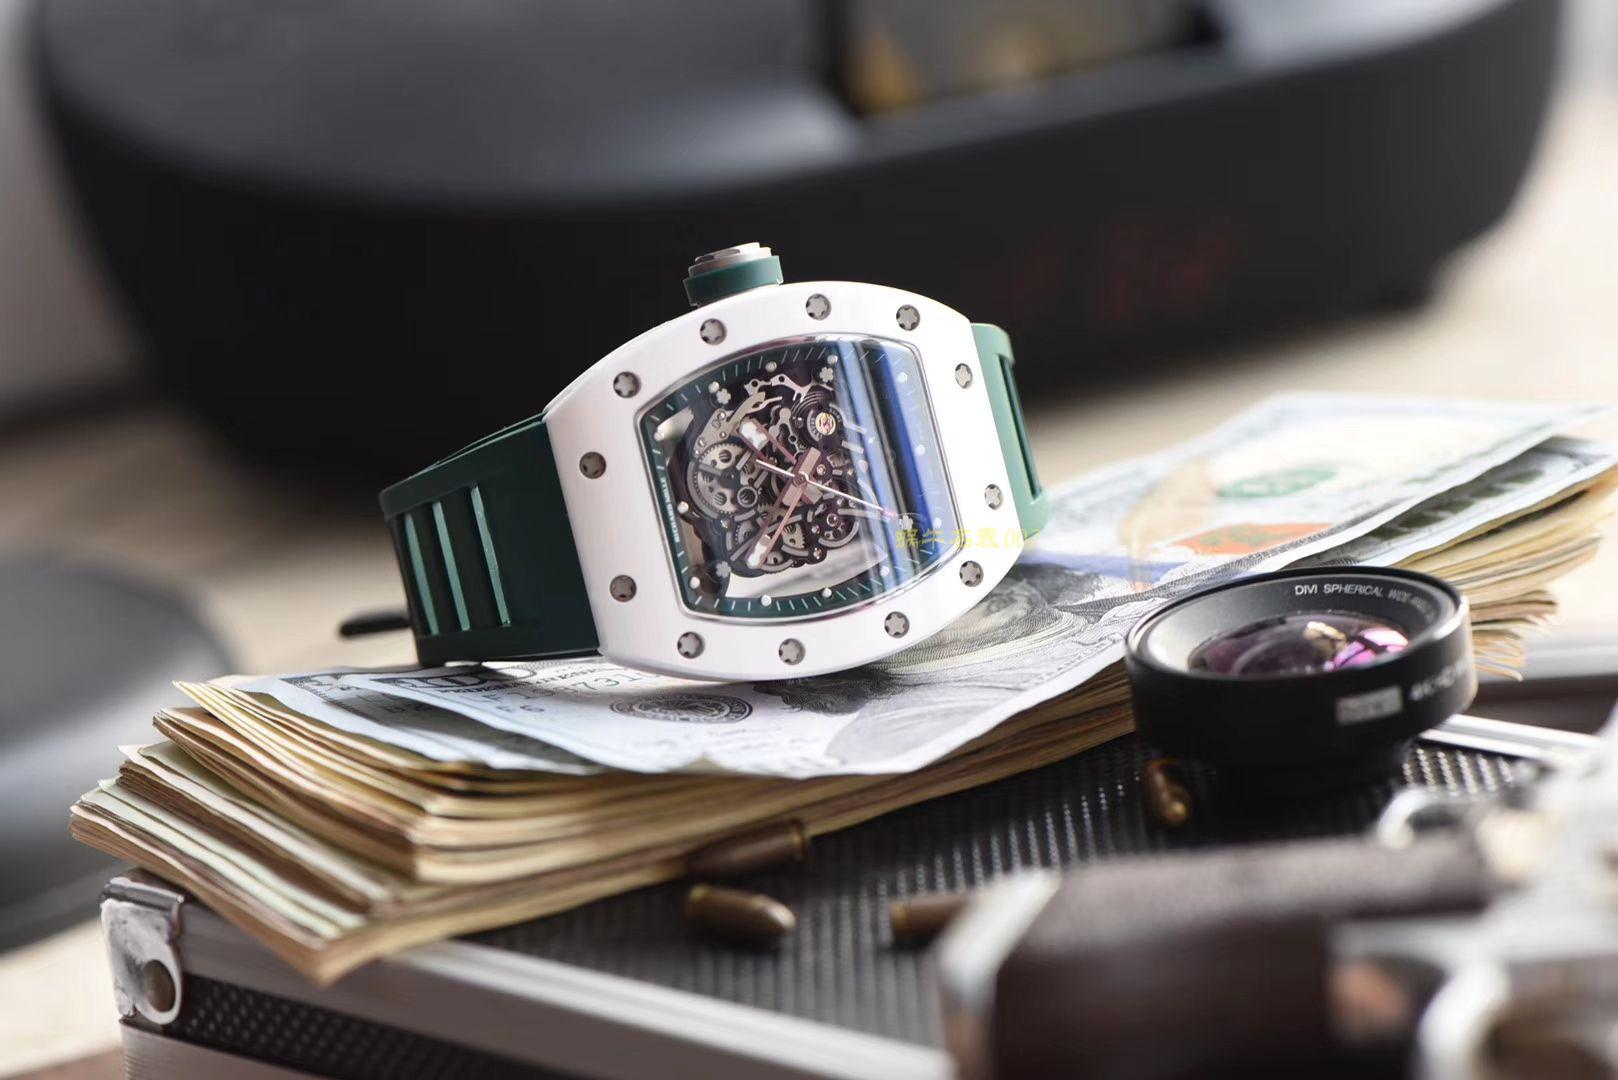 【视频评测】RICHARD MILLE理查德摸了男士系列RM 055腕表【KV厂一比一超A精仿手表】 / RM055MWD